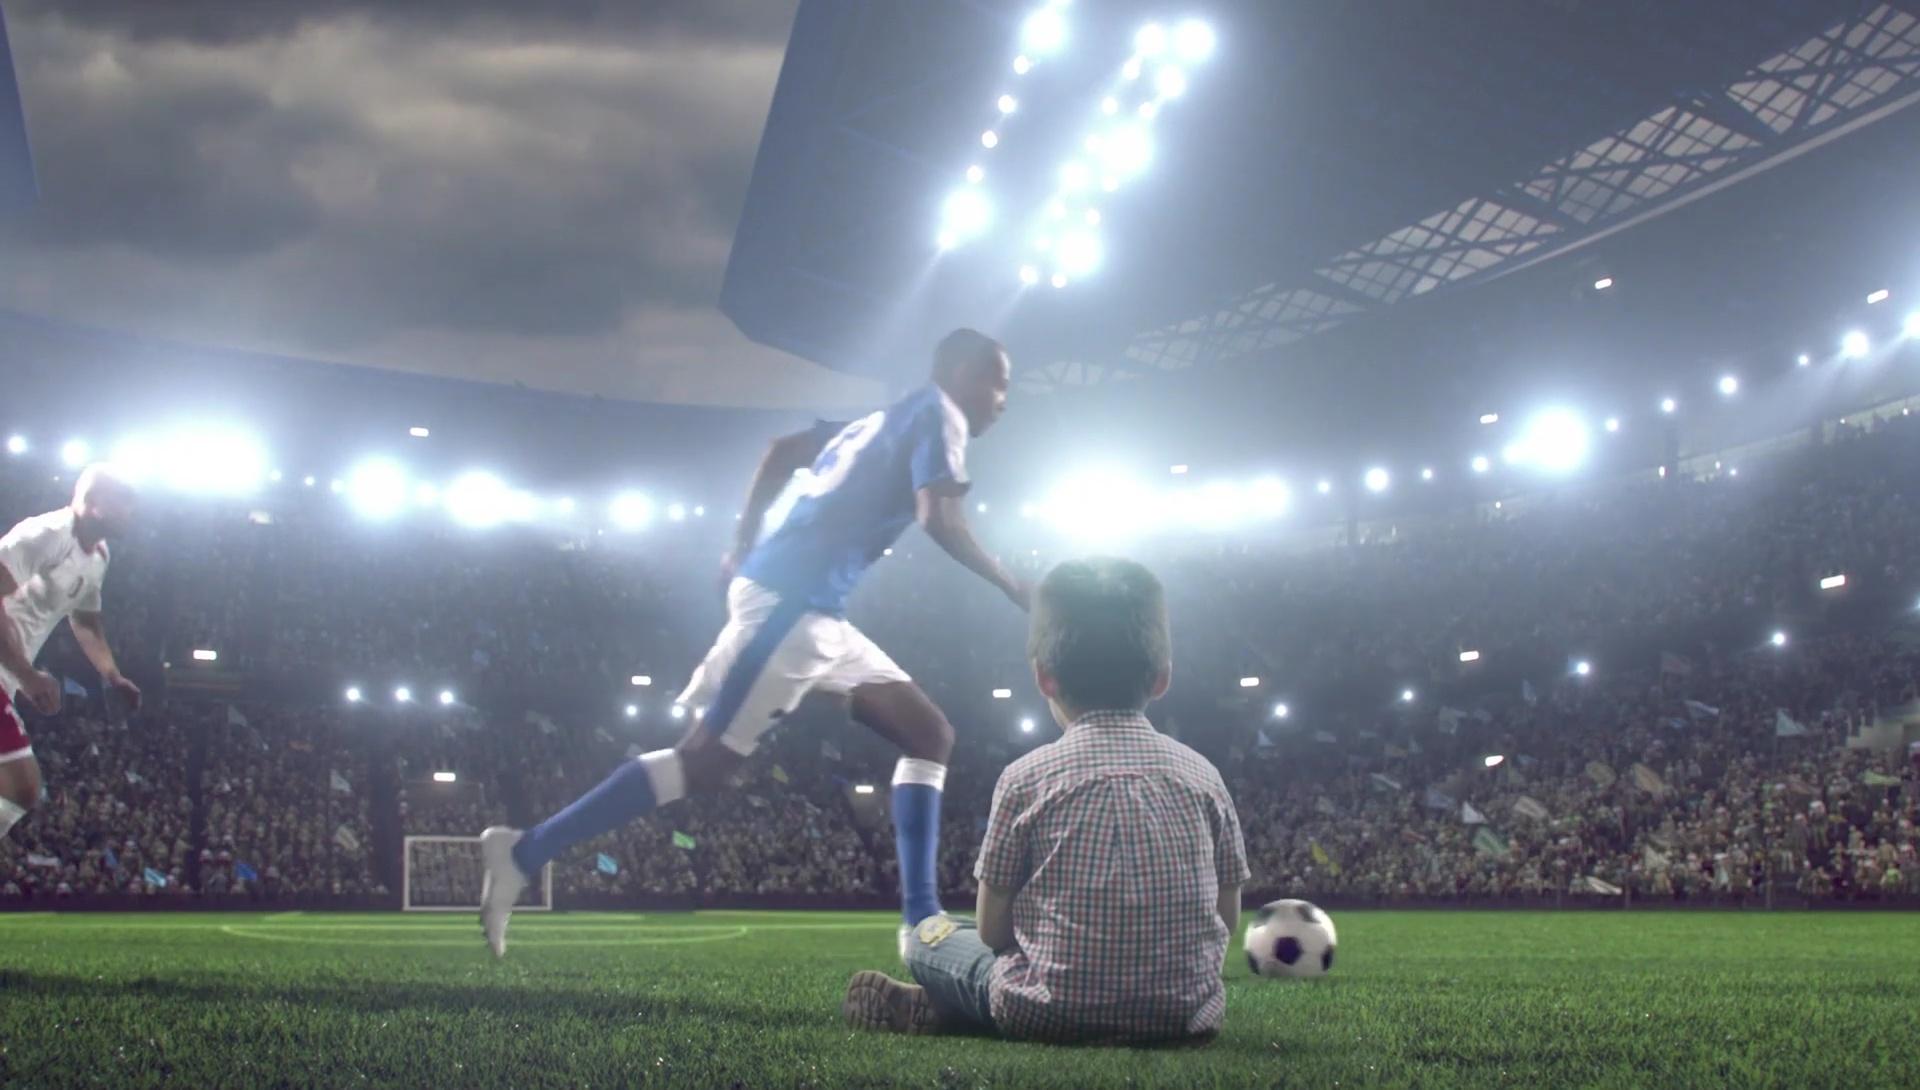 MX1 Football Stadium